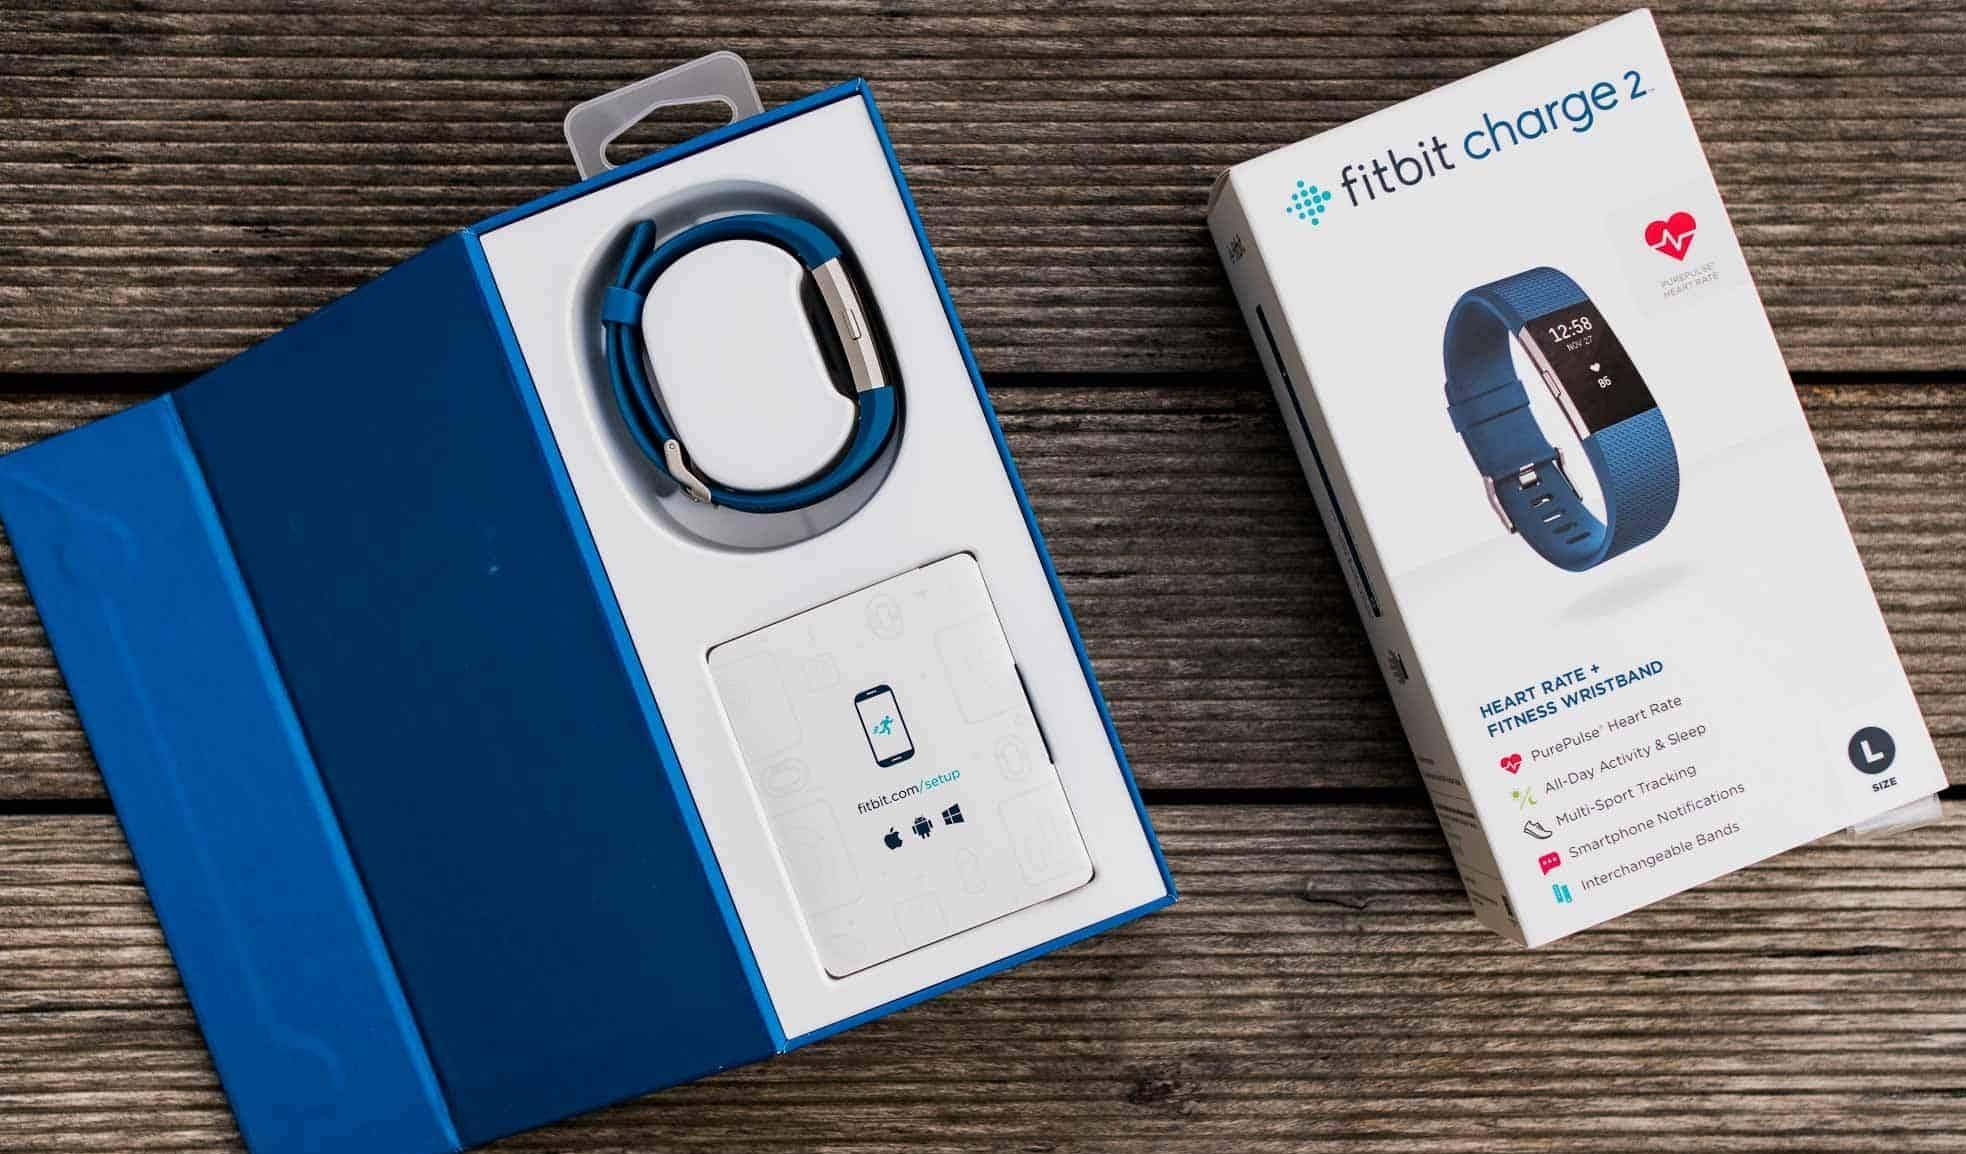 Bracelet Fitness Super Watch - Fitbit Charge2 - Chez Gift.Ma Boutique des cadeaux aux meilleurs prix en ligne au Maroc